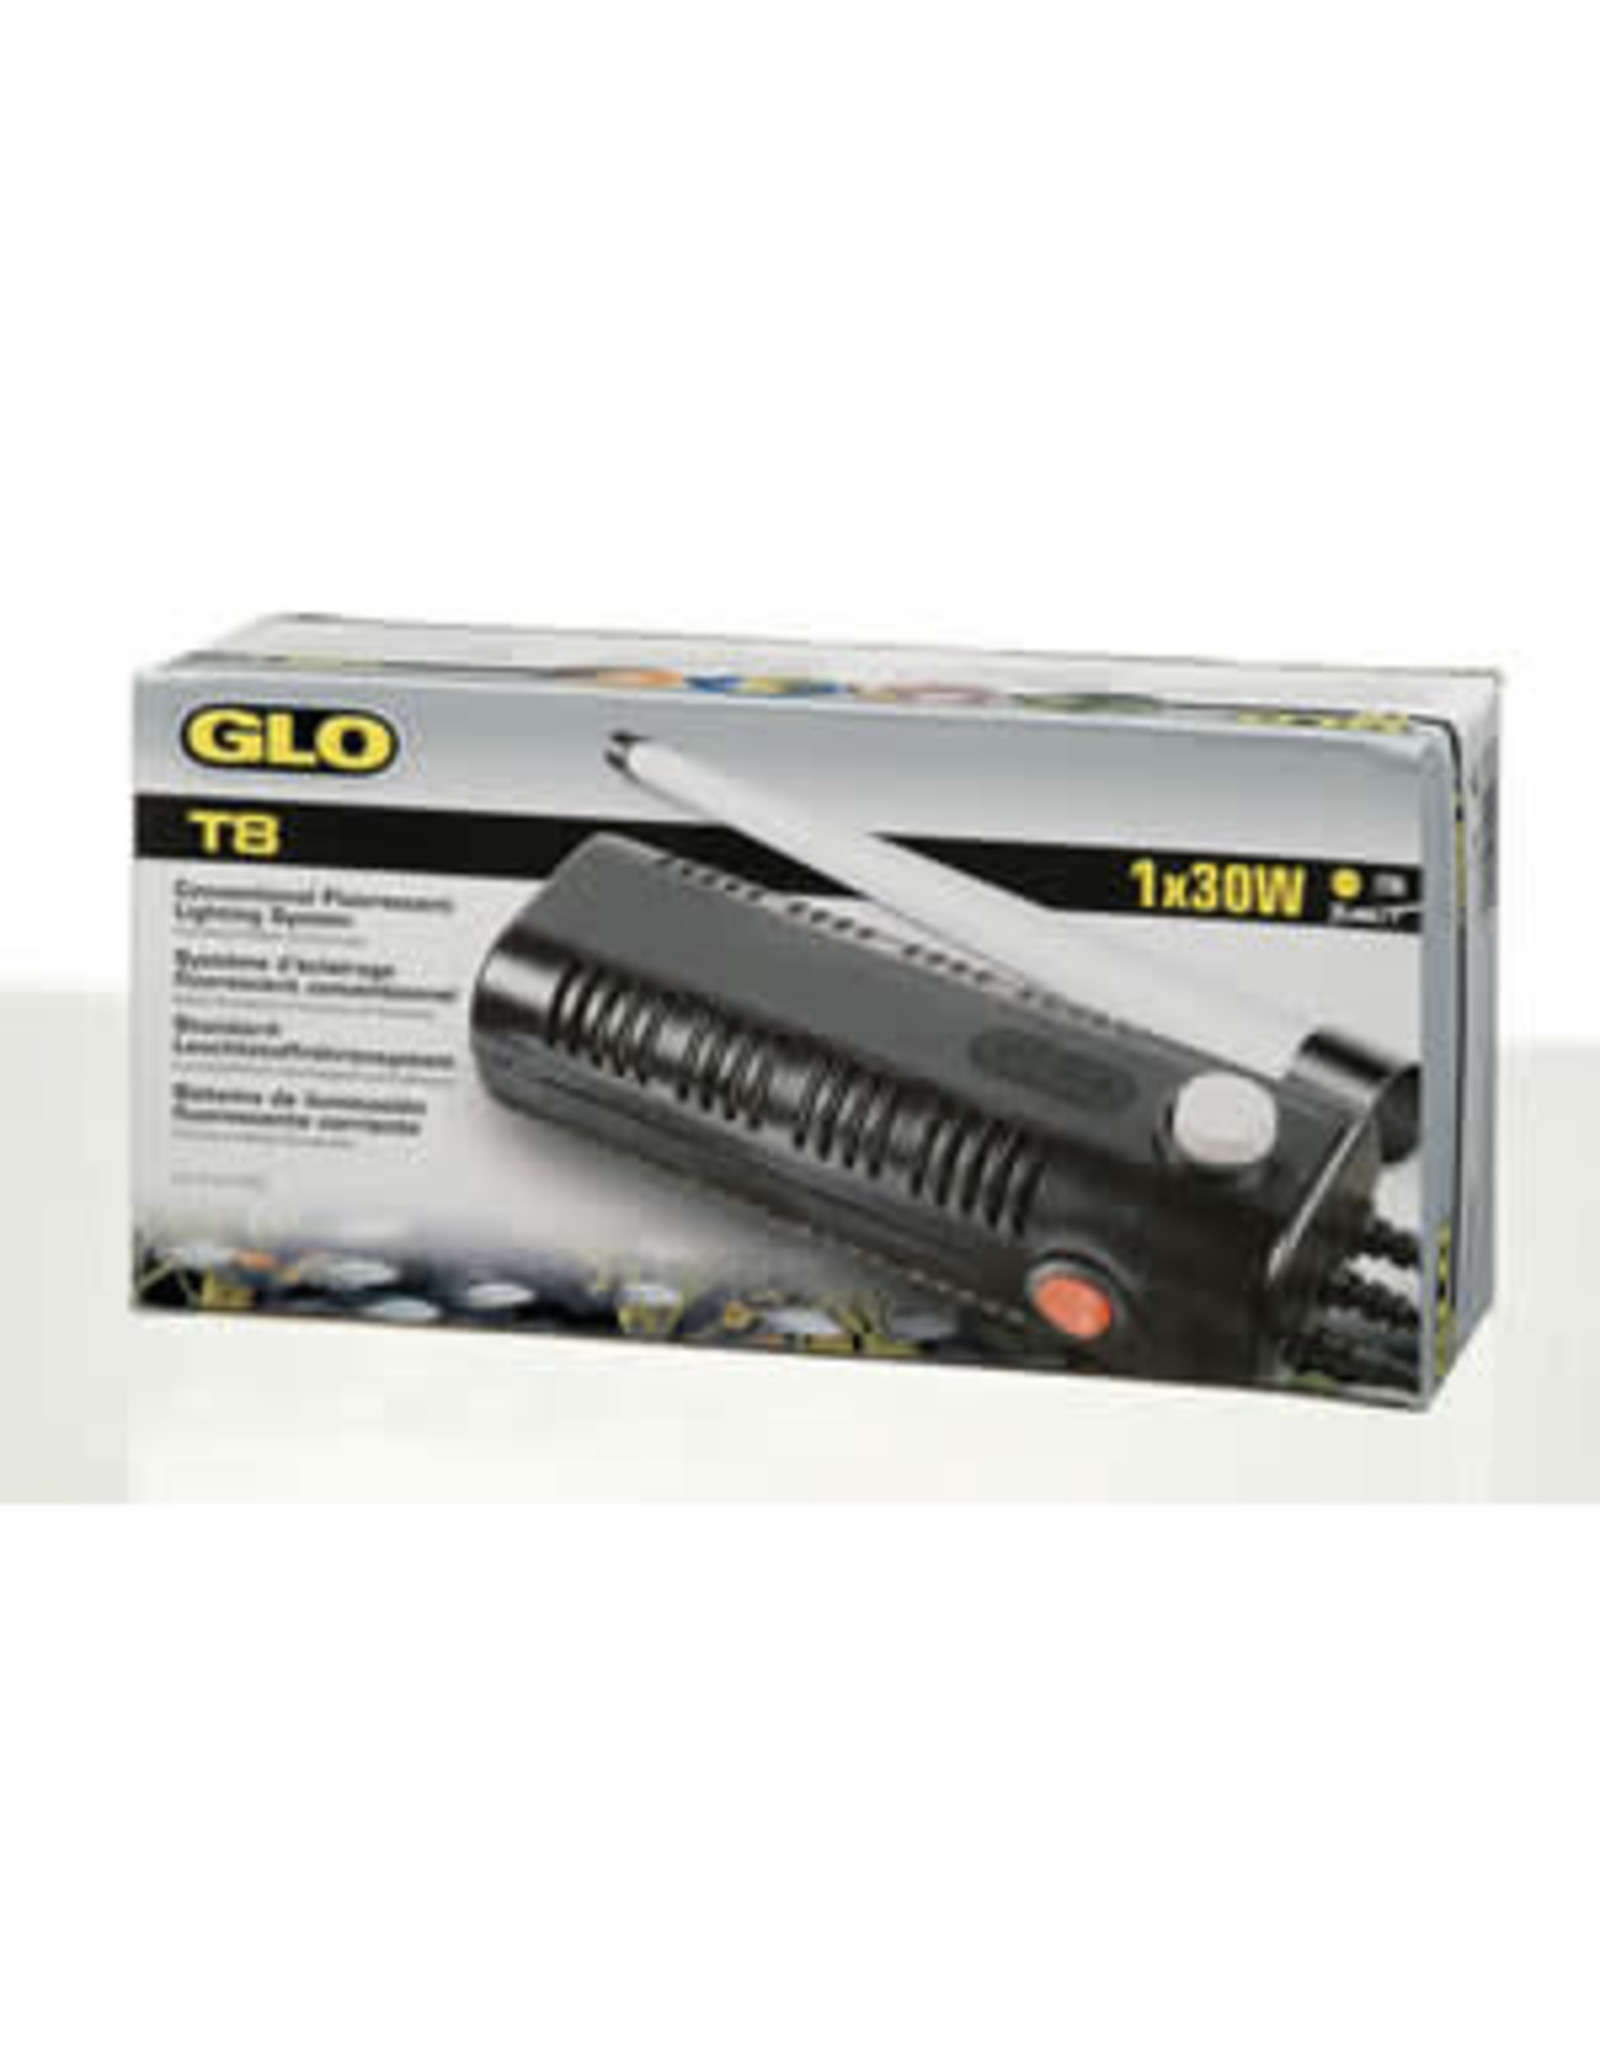 Hagen Hagen Glo T8 Fluorescent Tube Controller 30W